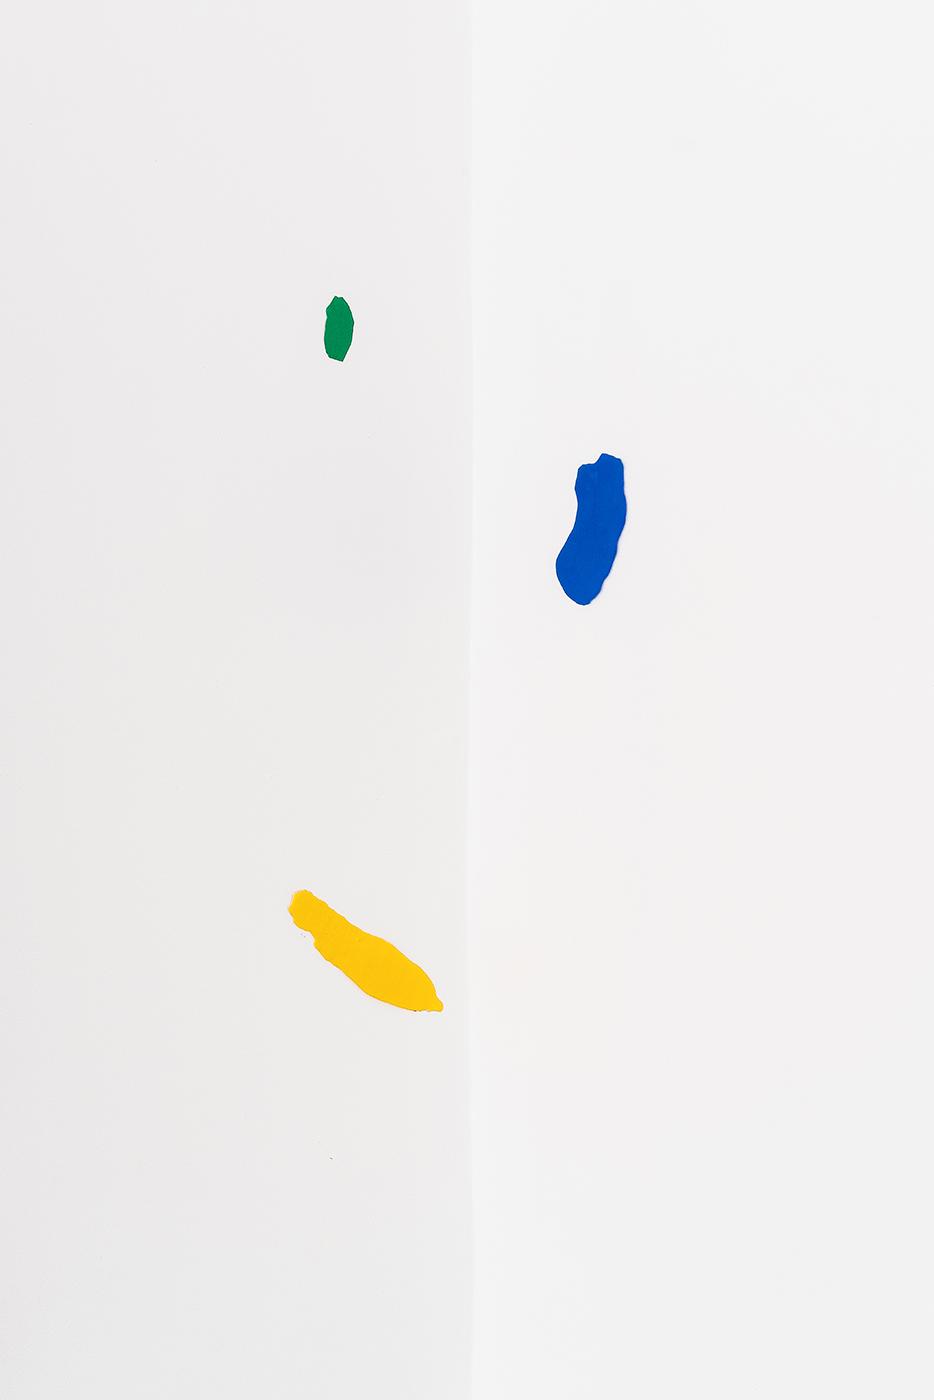 Simone Zaccagnini  RIVIERA SUNSET BOULEVARD Solo show, Galerie Derouillon 07.jpg